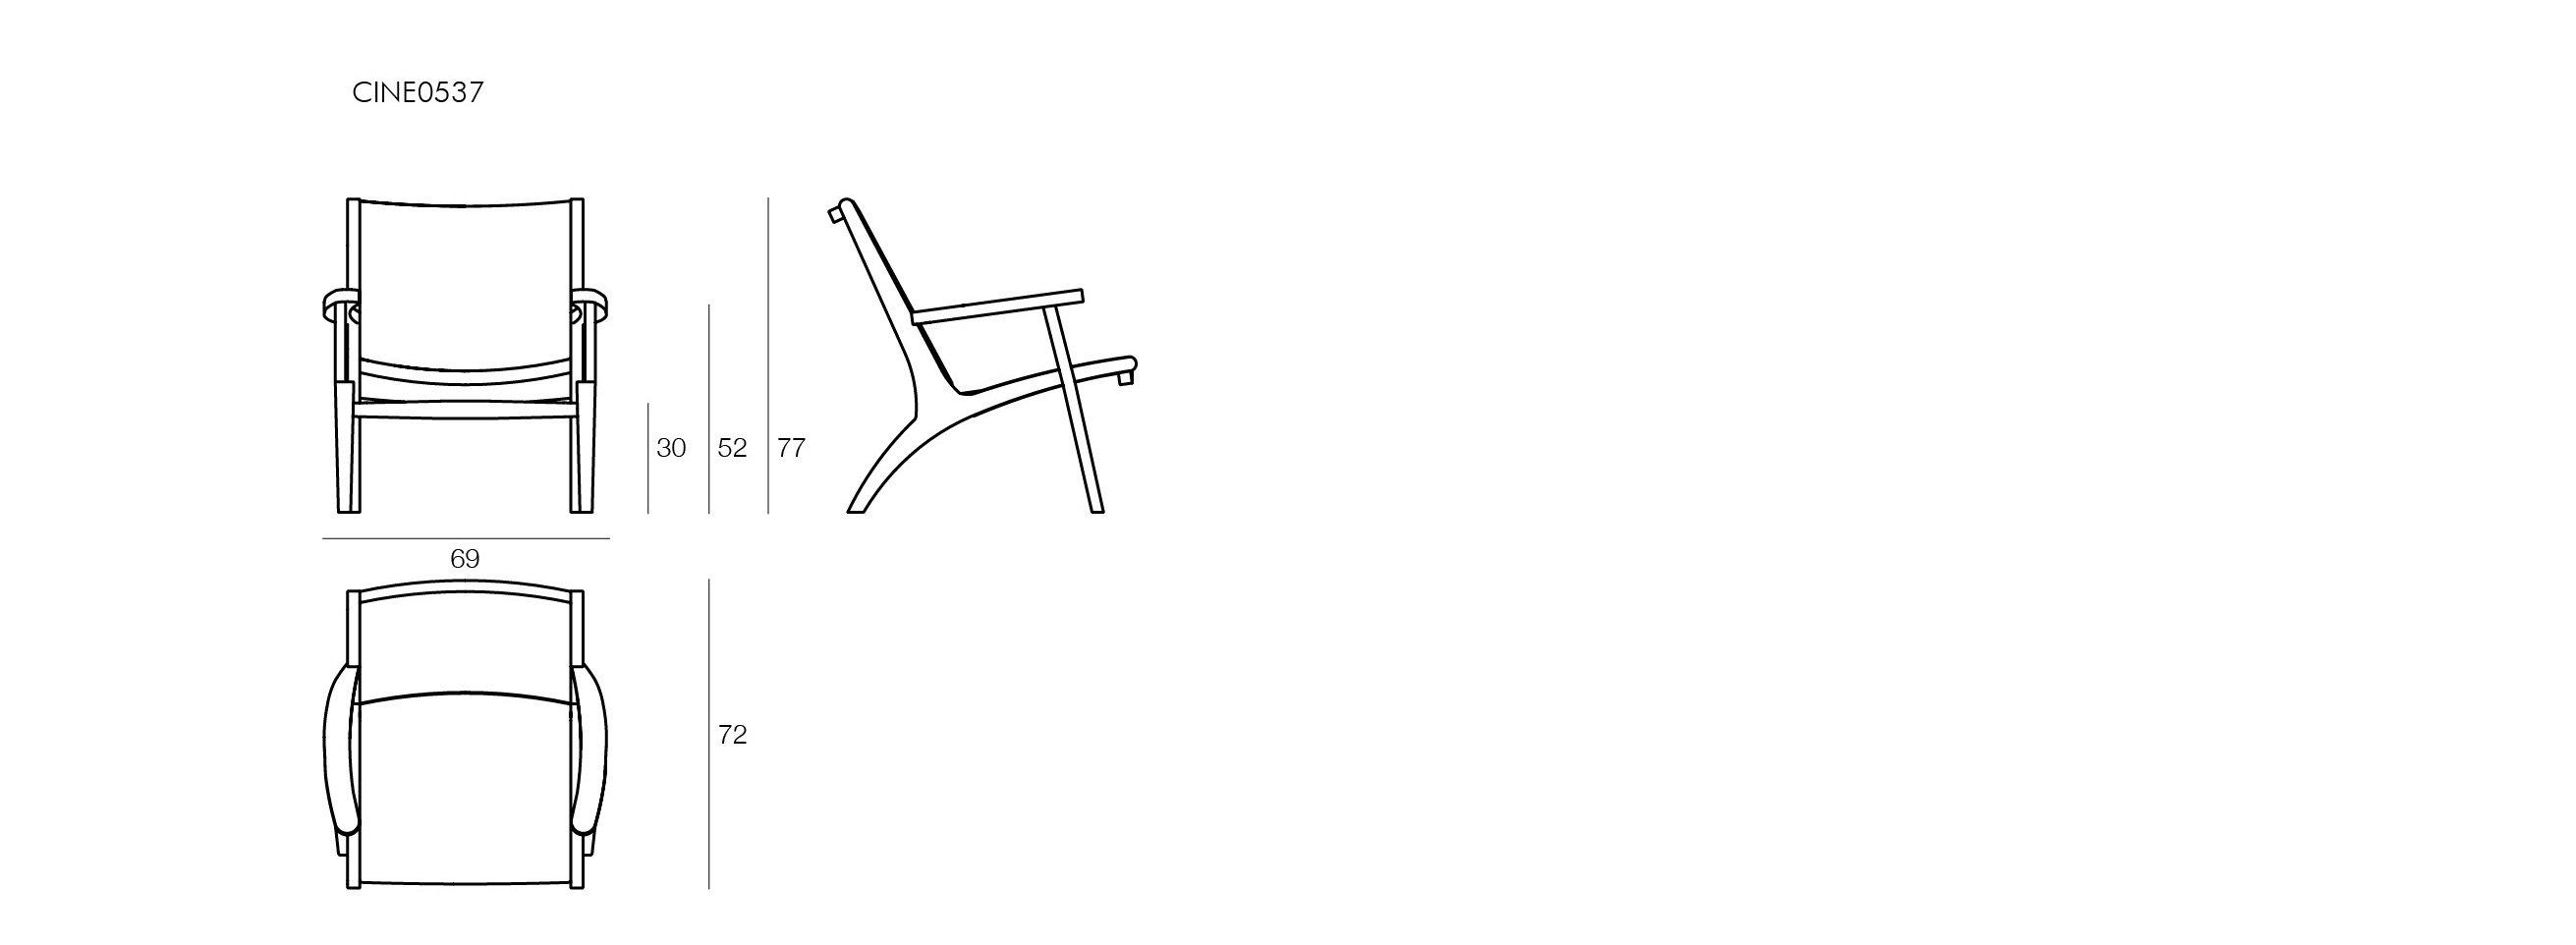 Dimensioni Poltrone Cinema.Visualizza Dettagli Sedia Con Braccioli Il Giardino Di Legno